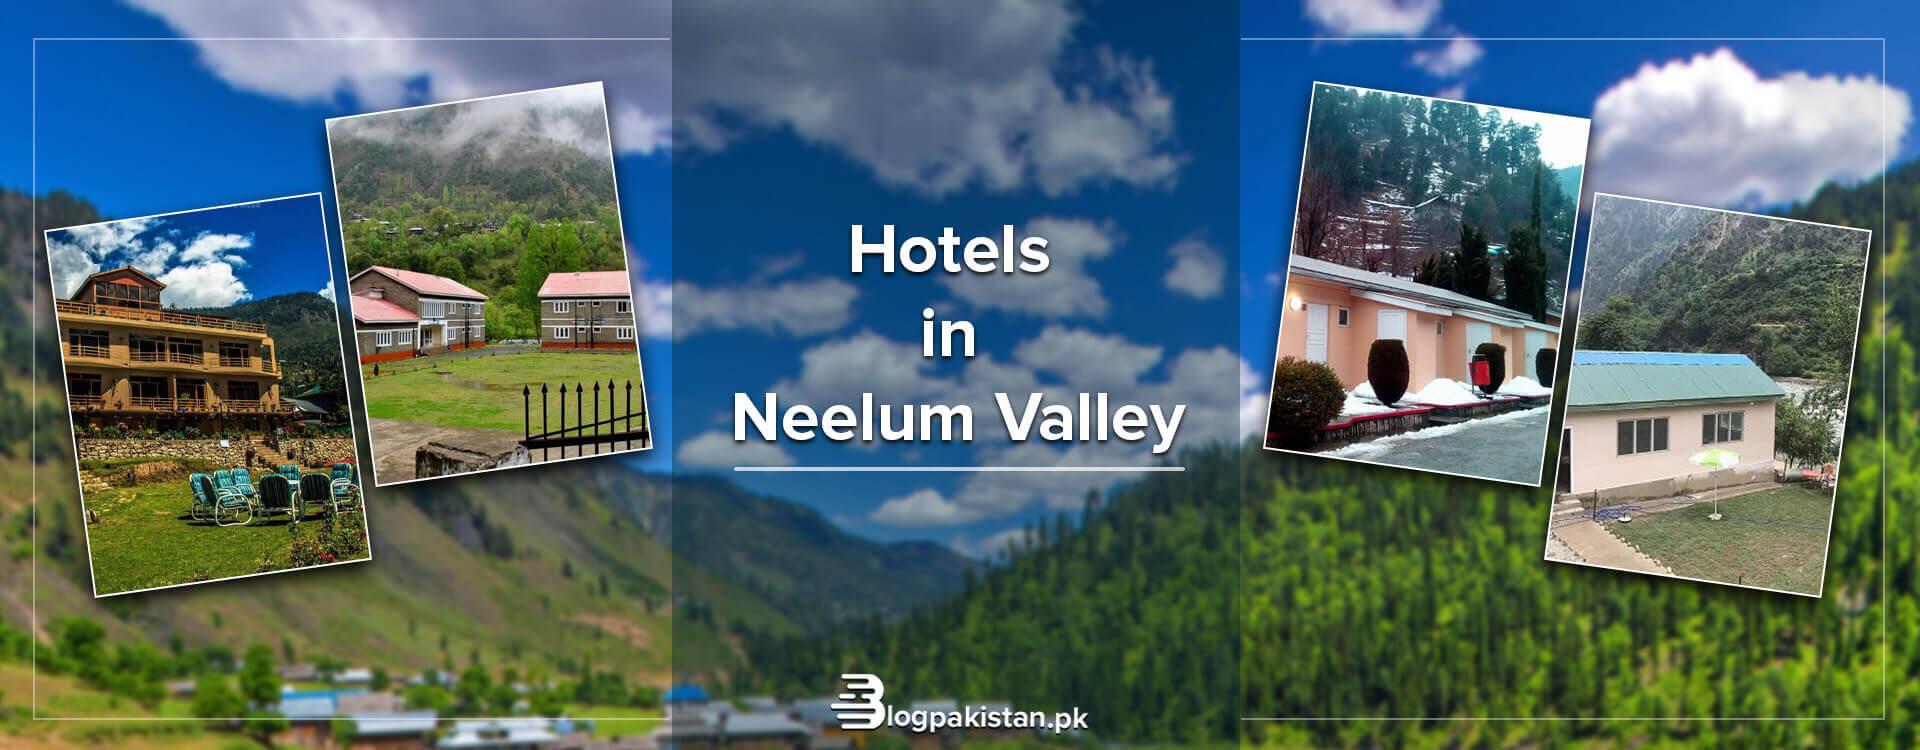 20 Best Hotels in Neelum Valley: Rent & Booking Details